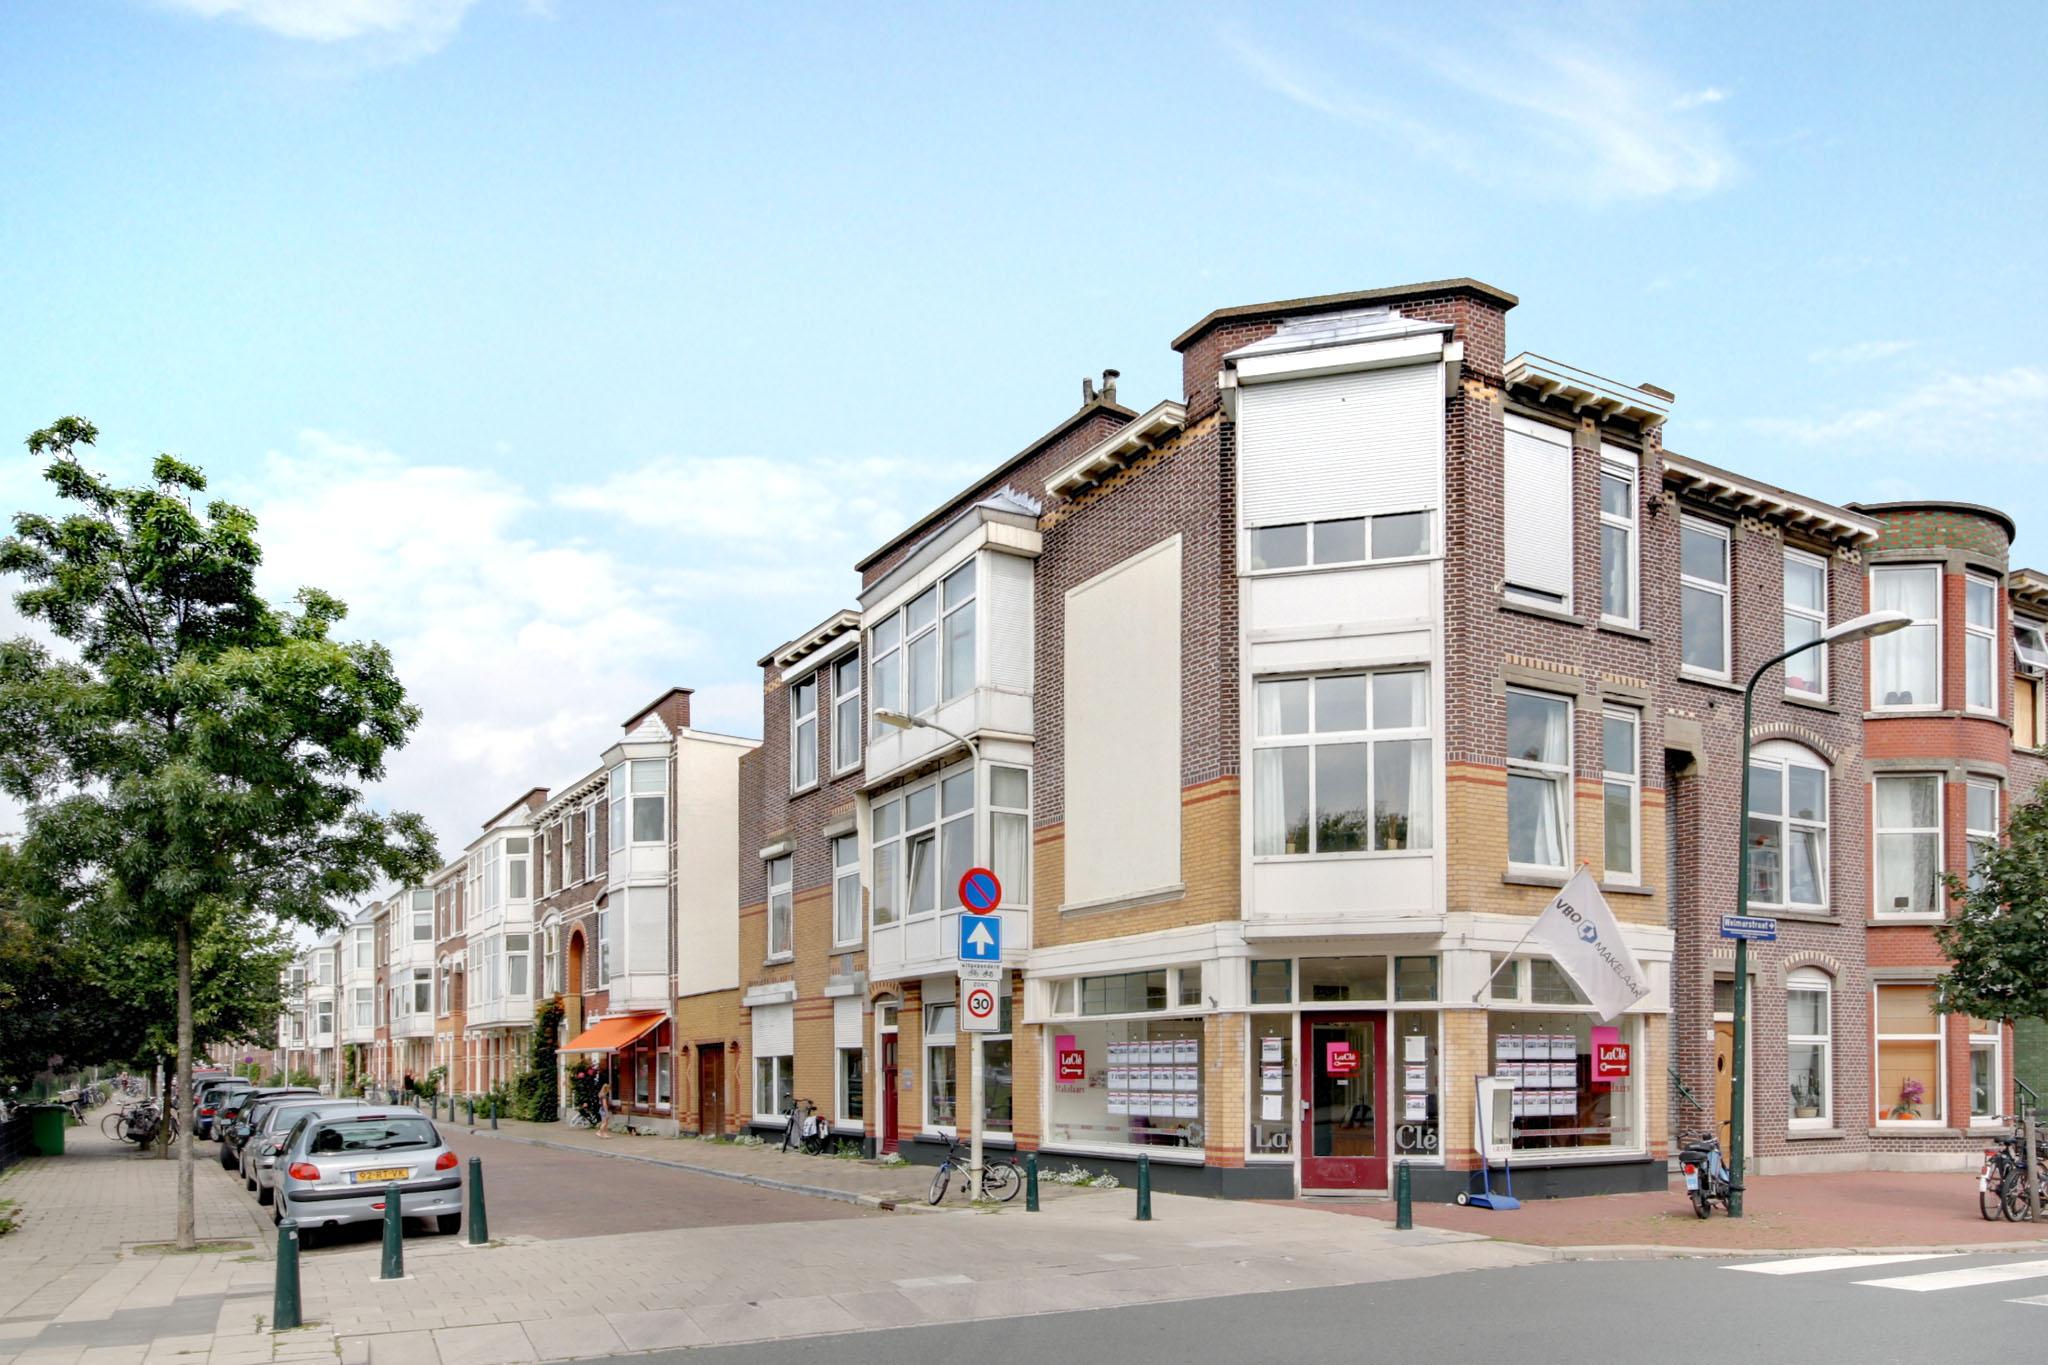 LaCl u00e9 Makelaars Den Haag   lacle medewerkers taxateurs den haag  u0026#39;s gravenhage makelaar verkopen